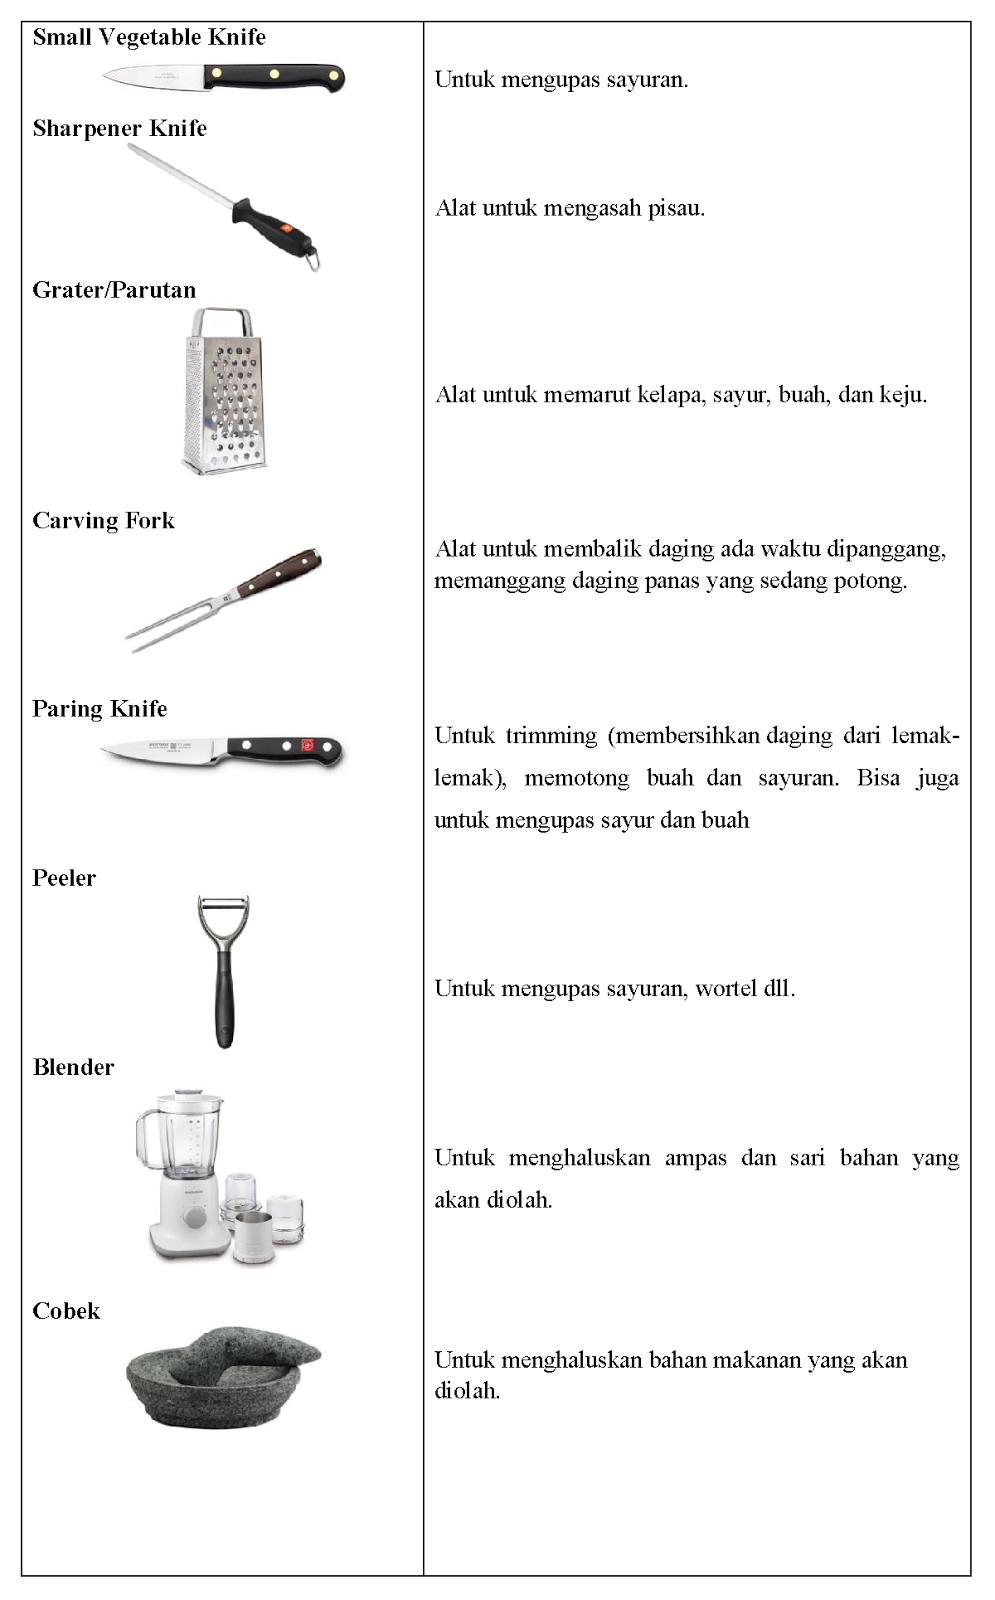 Jenis Peralatan Dapur Dan Fungsinya   Desainrumahid.com